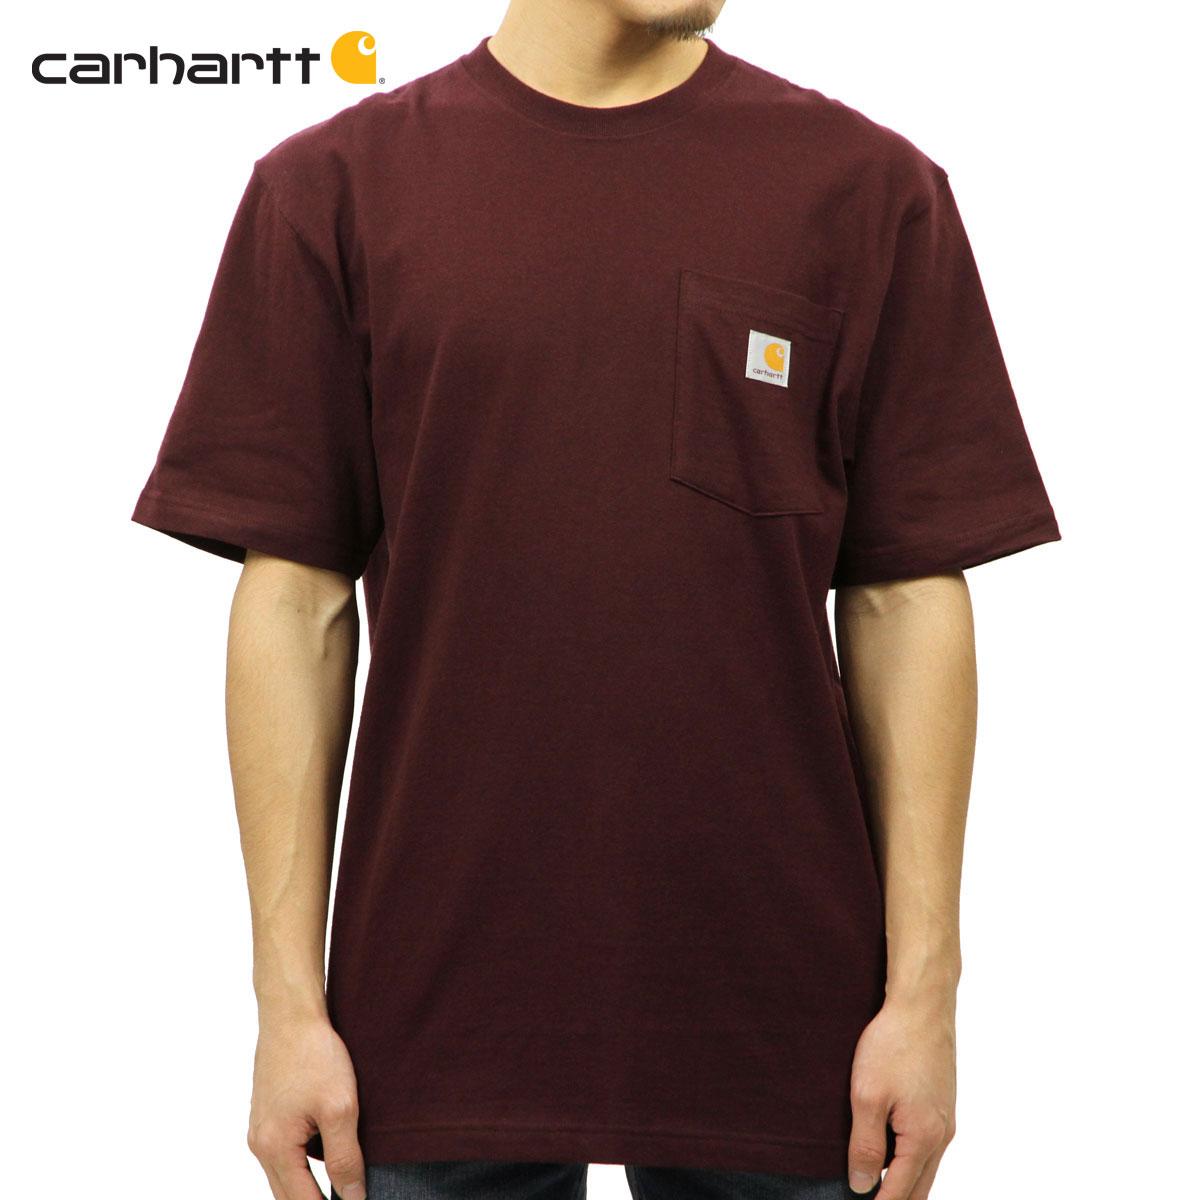 bbfaad0313 Car heart CARHARTT regular article men short sleeves pocket T-shirt  WORKWEAR POCKET SHORT- ...